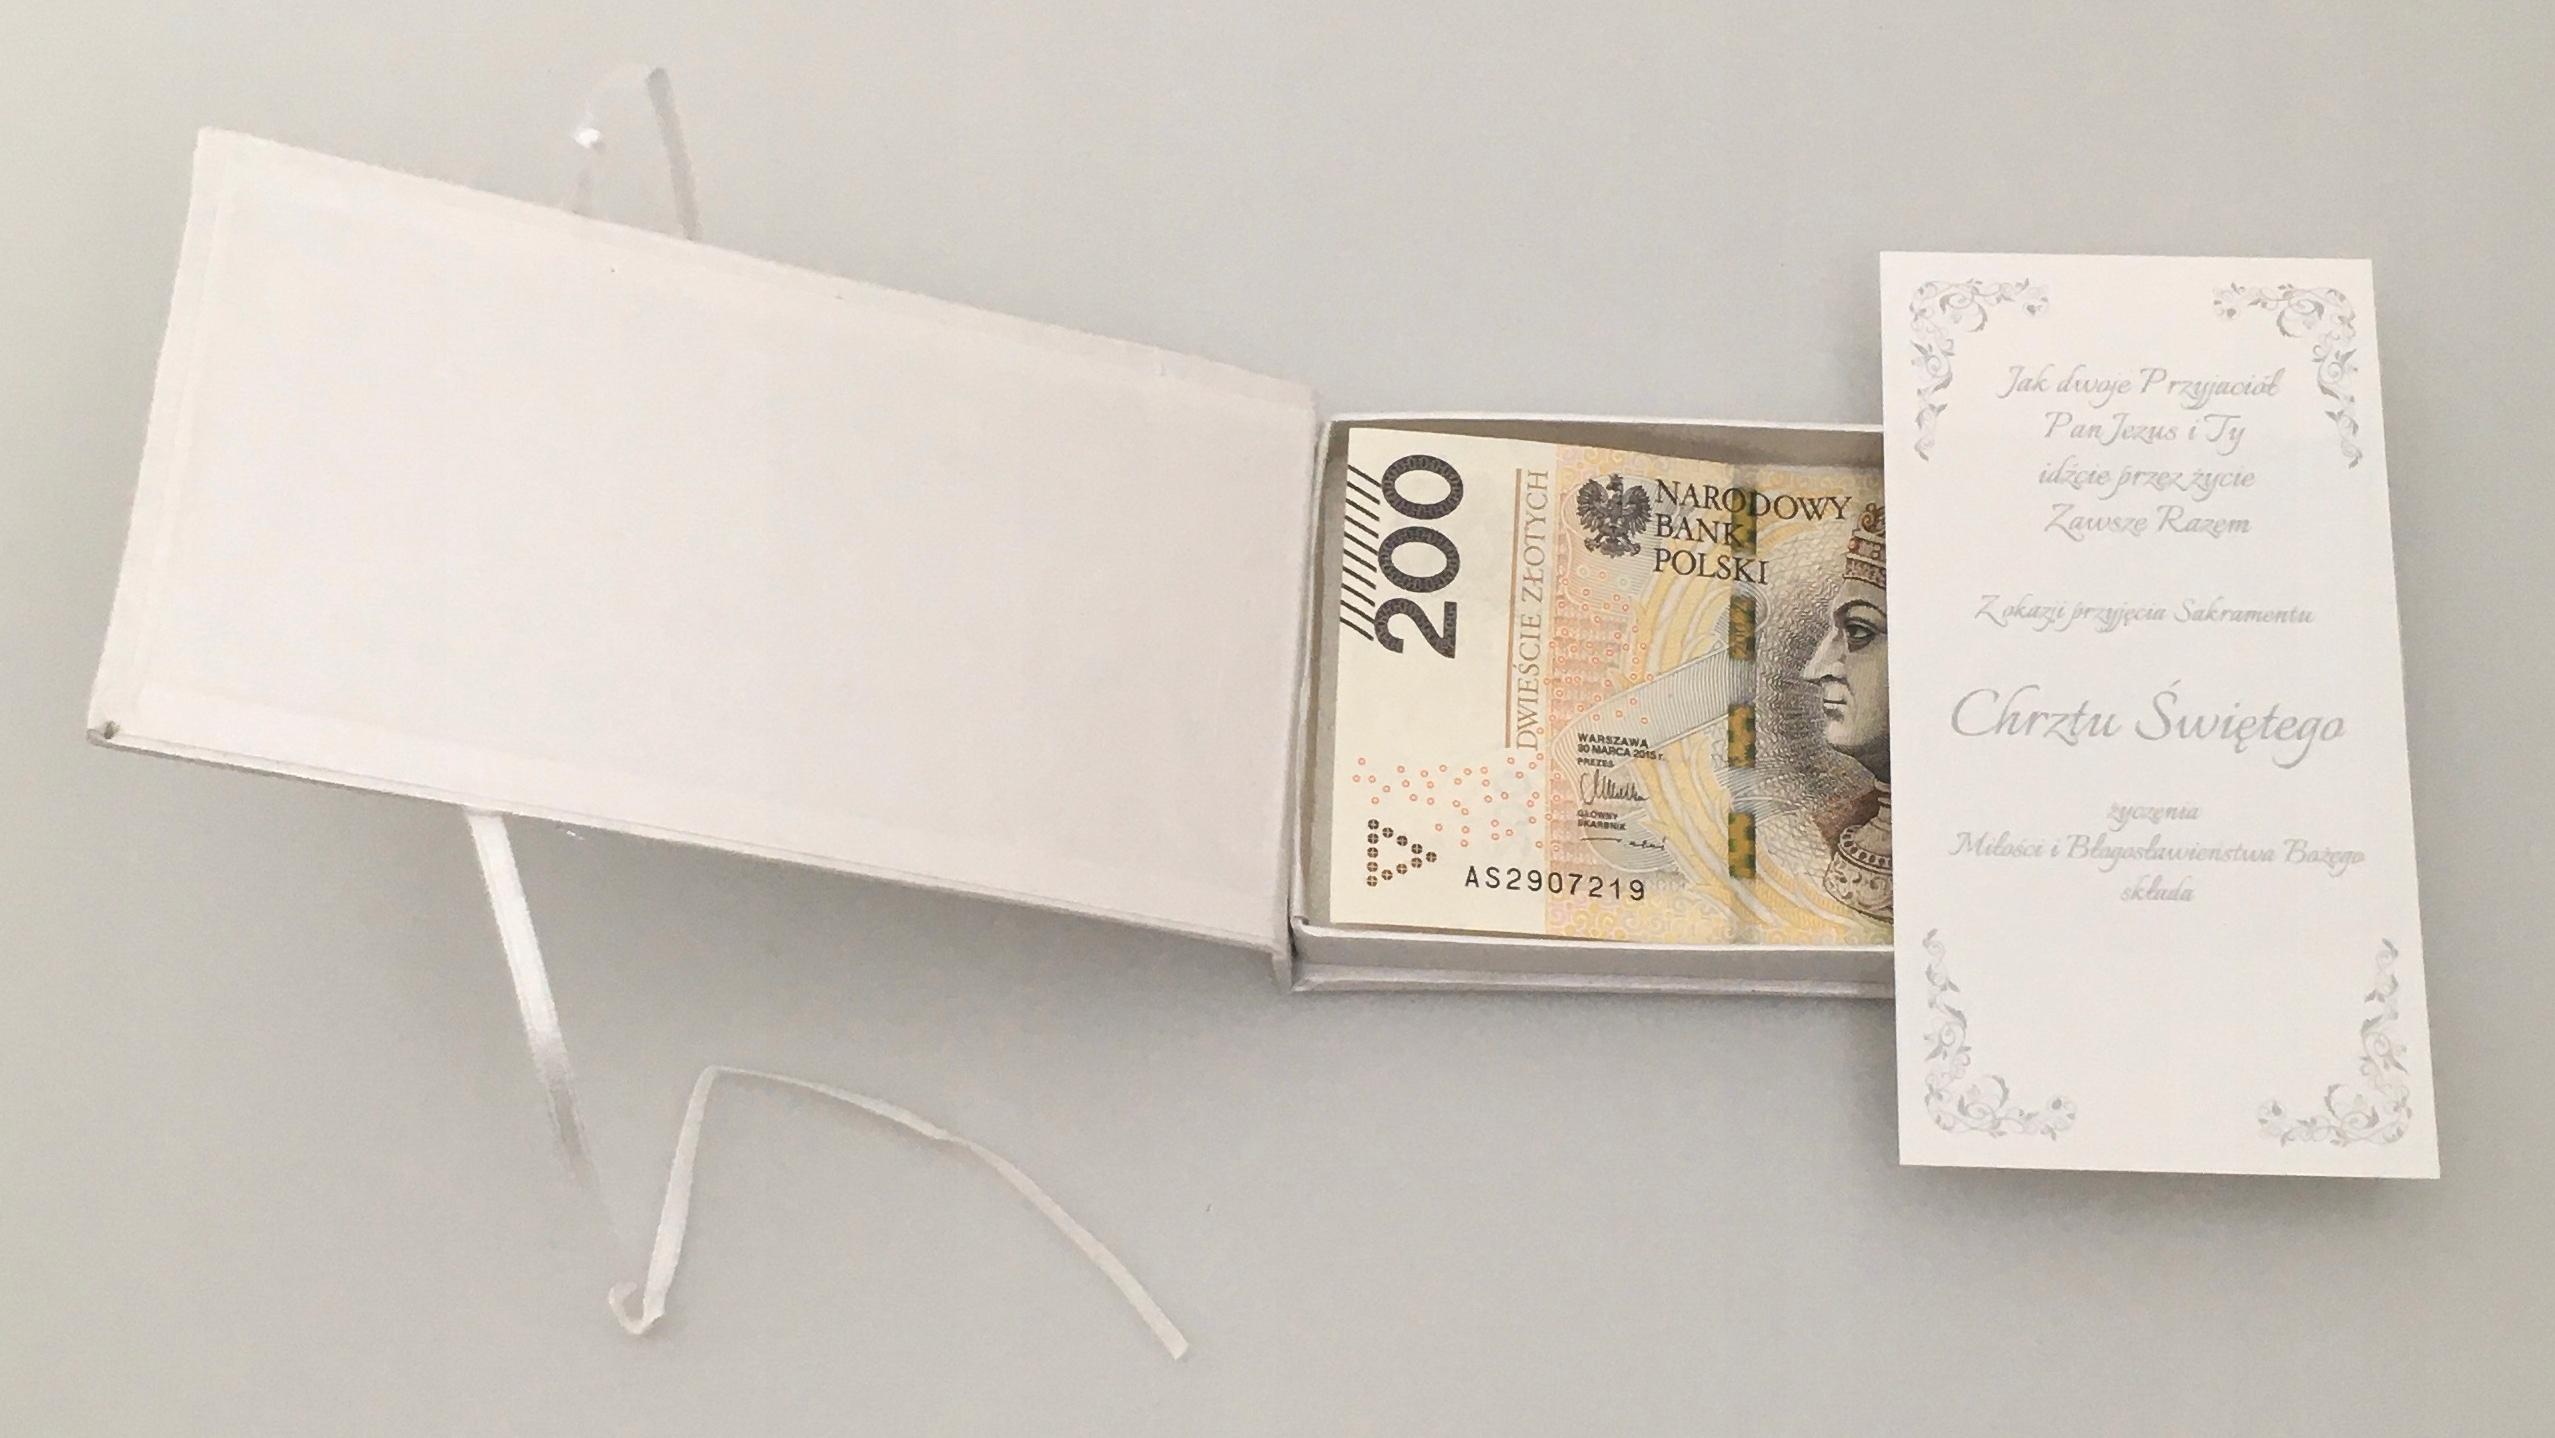 Chrzest pudełko pamiątka banknot personalizowane